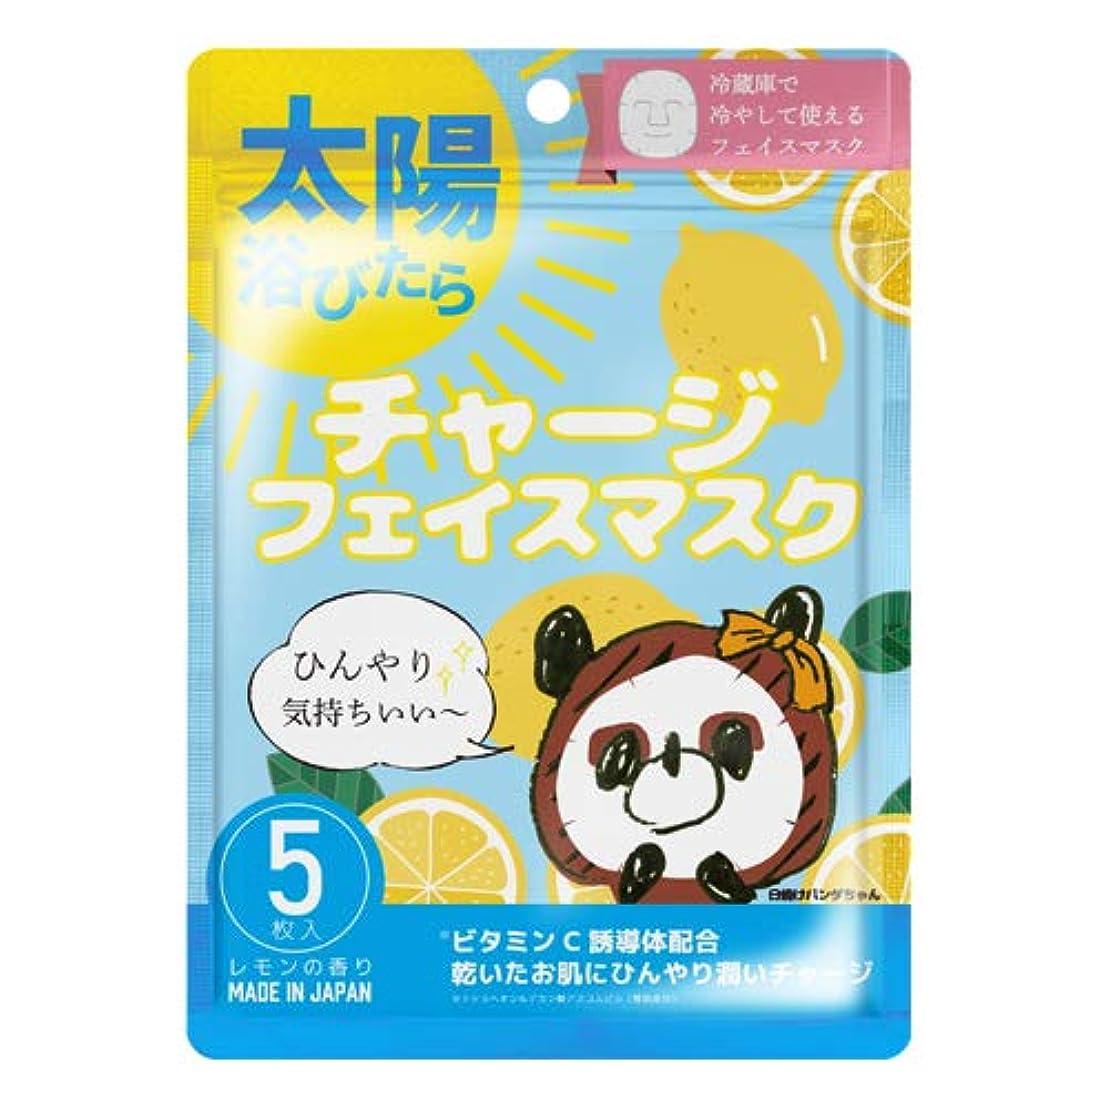 調停者確立しますフィルタチャージフェイスマスク Charge Face Mask / 美容 フェイスマスク 日焼け 潤い レモン スキンケア